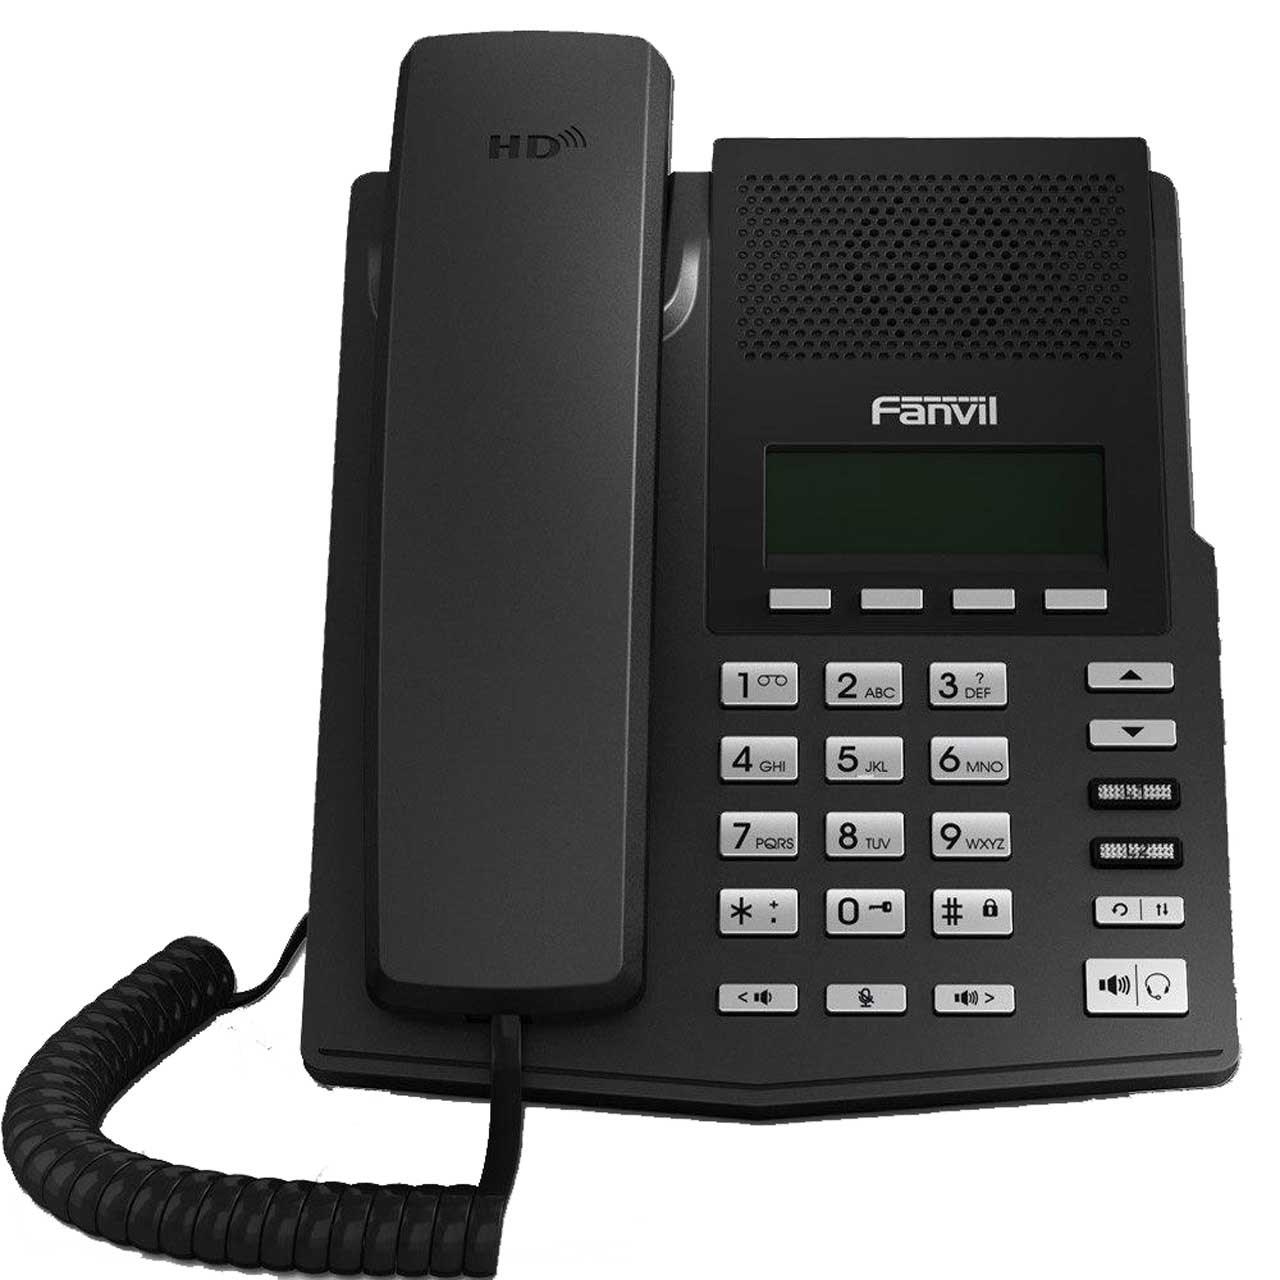 قیمت                      تلفن تحت شبکه فنویل مدل X3P